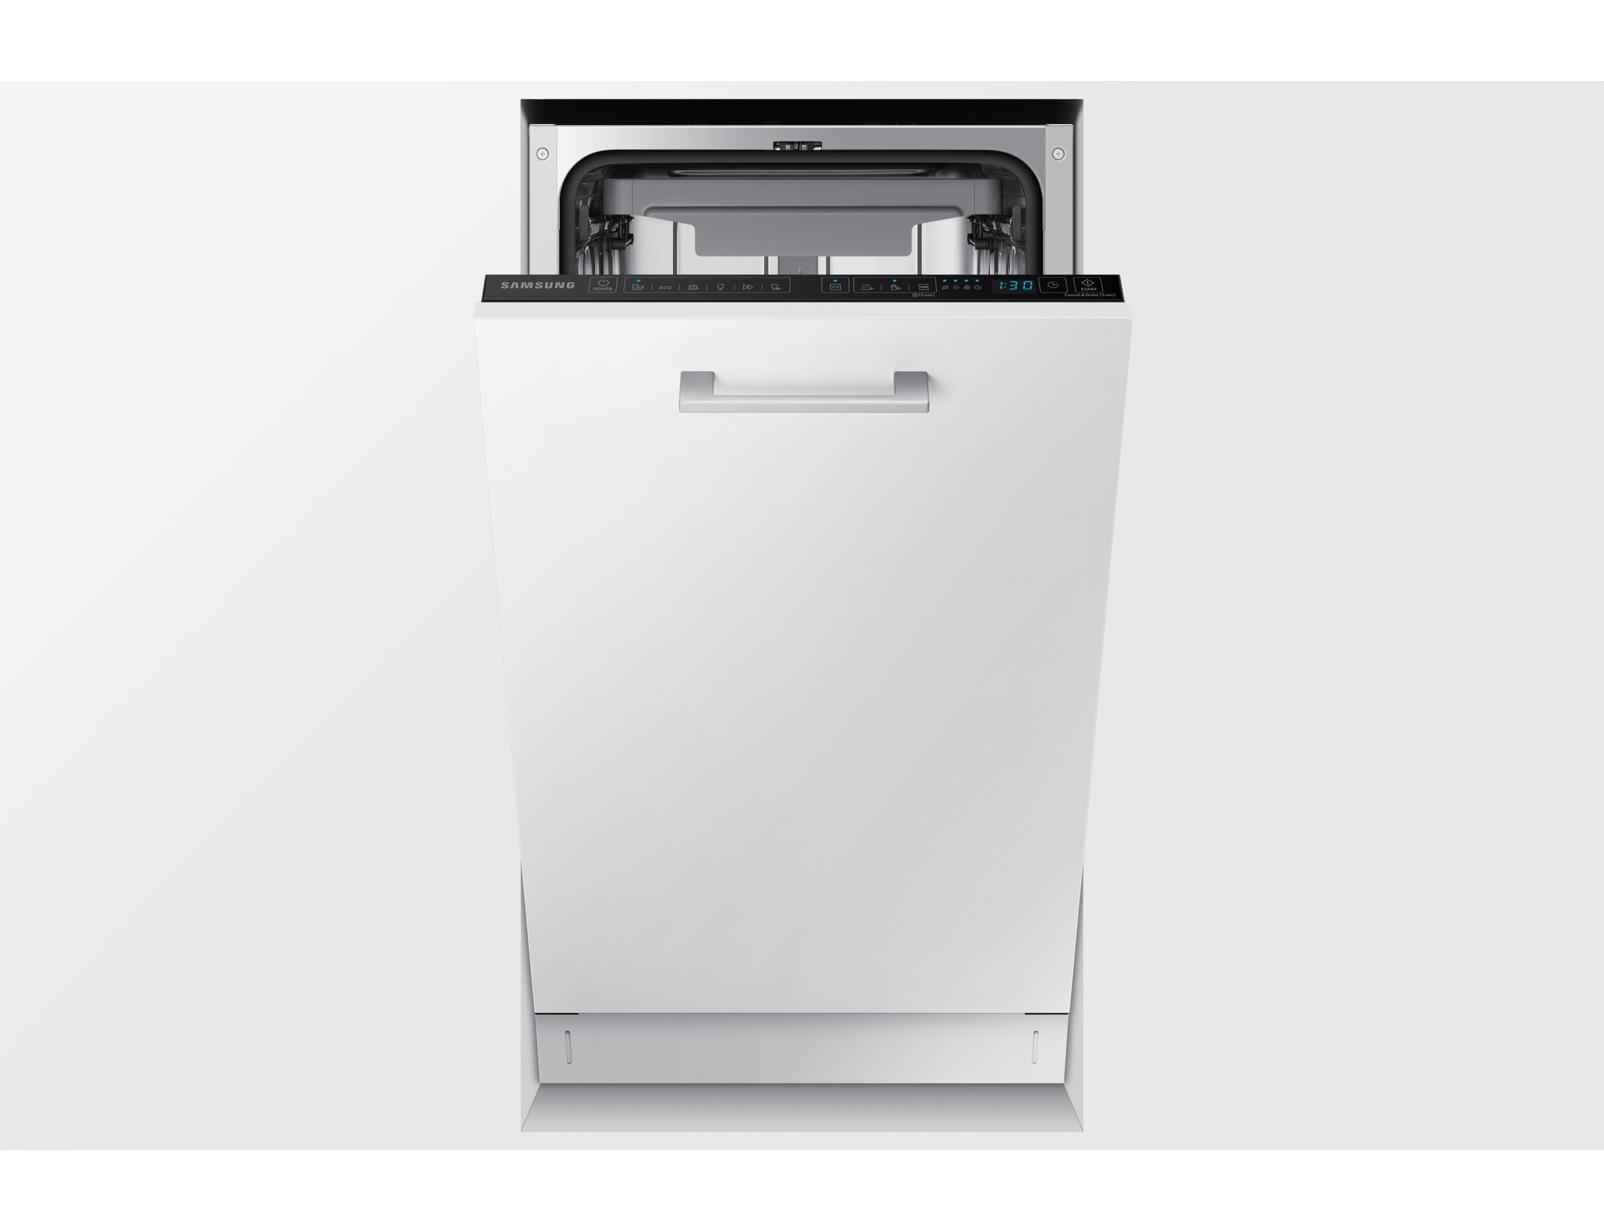 Рейтинг-2019 встроенных посудомоечных машин 45 см: практичные, эффективные, функциональные